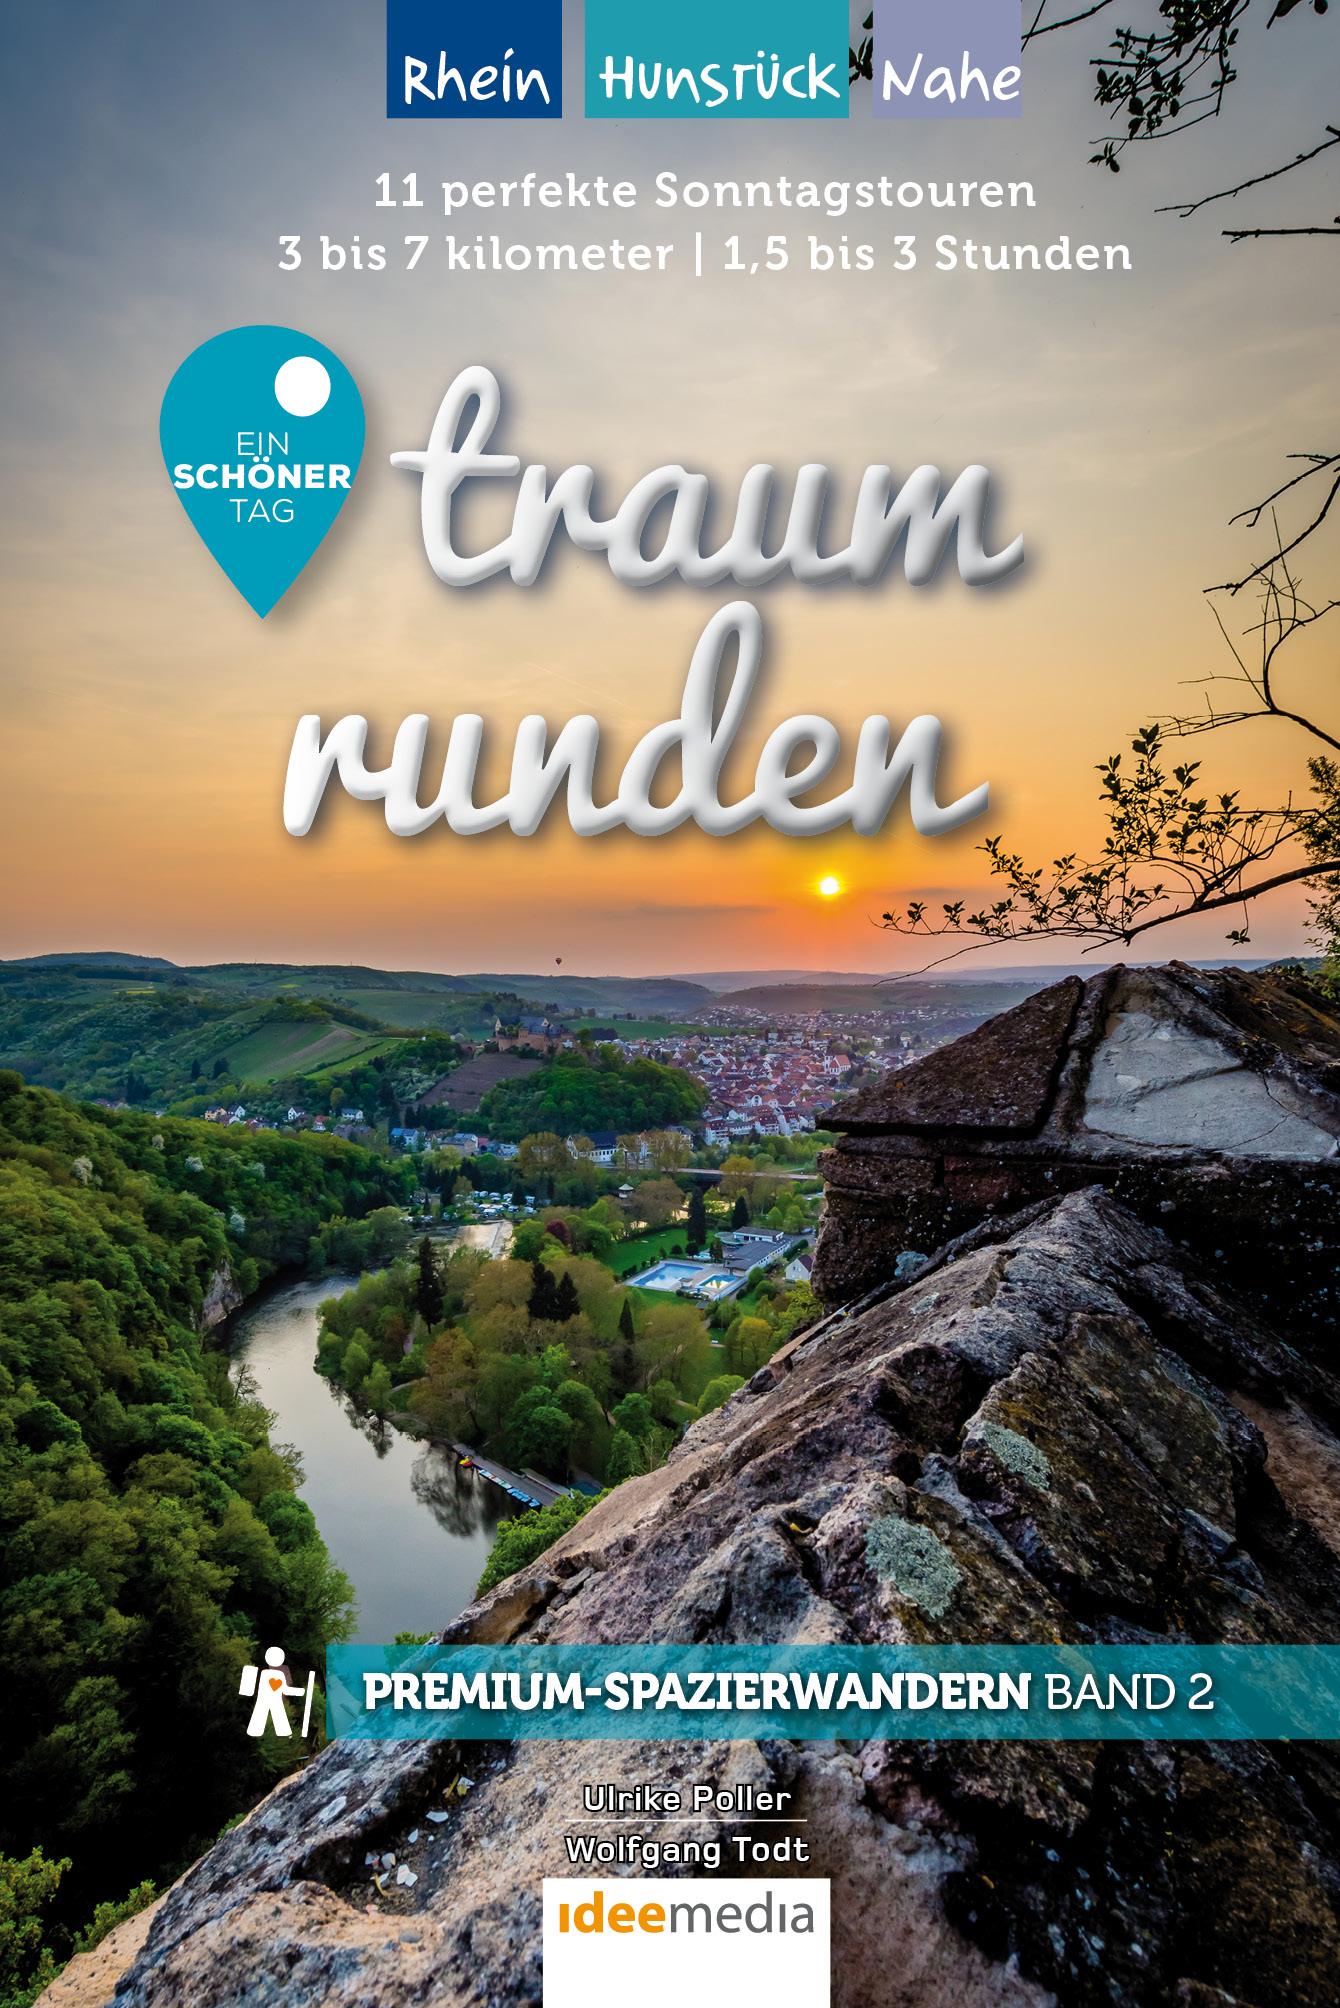 traumrunden an Rhein, Nahe und in der Pfalz